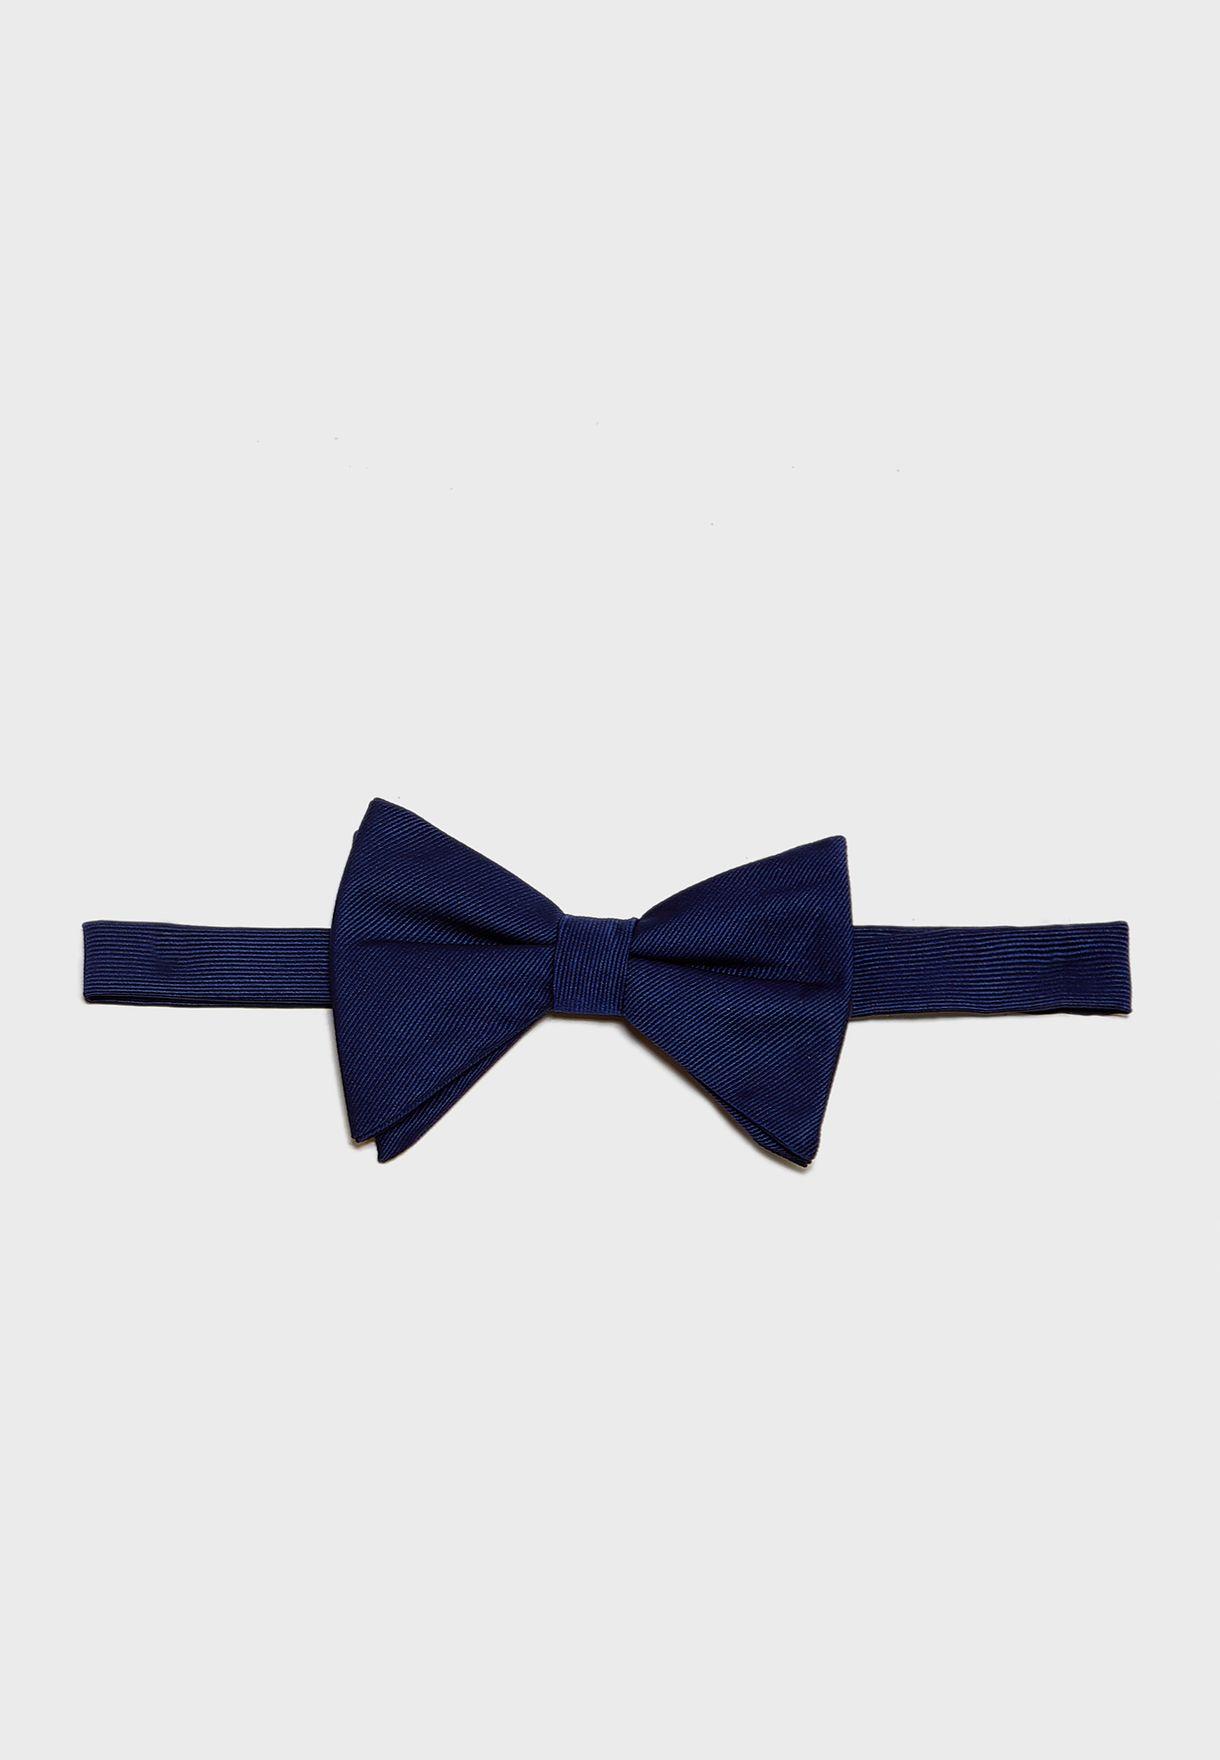 ربطة عنق بشكل فيونكة